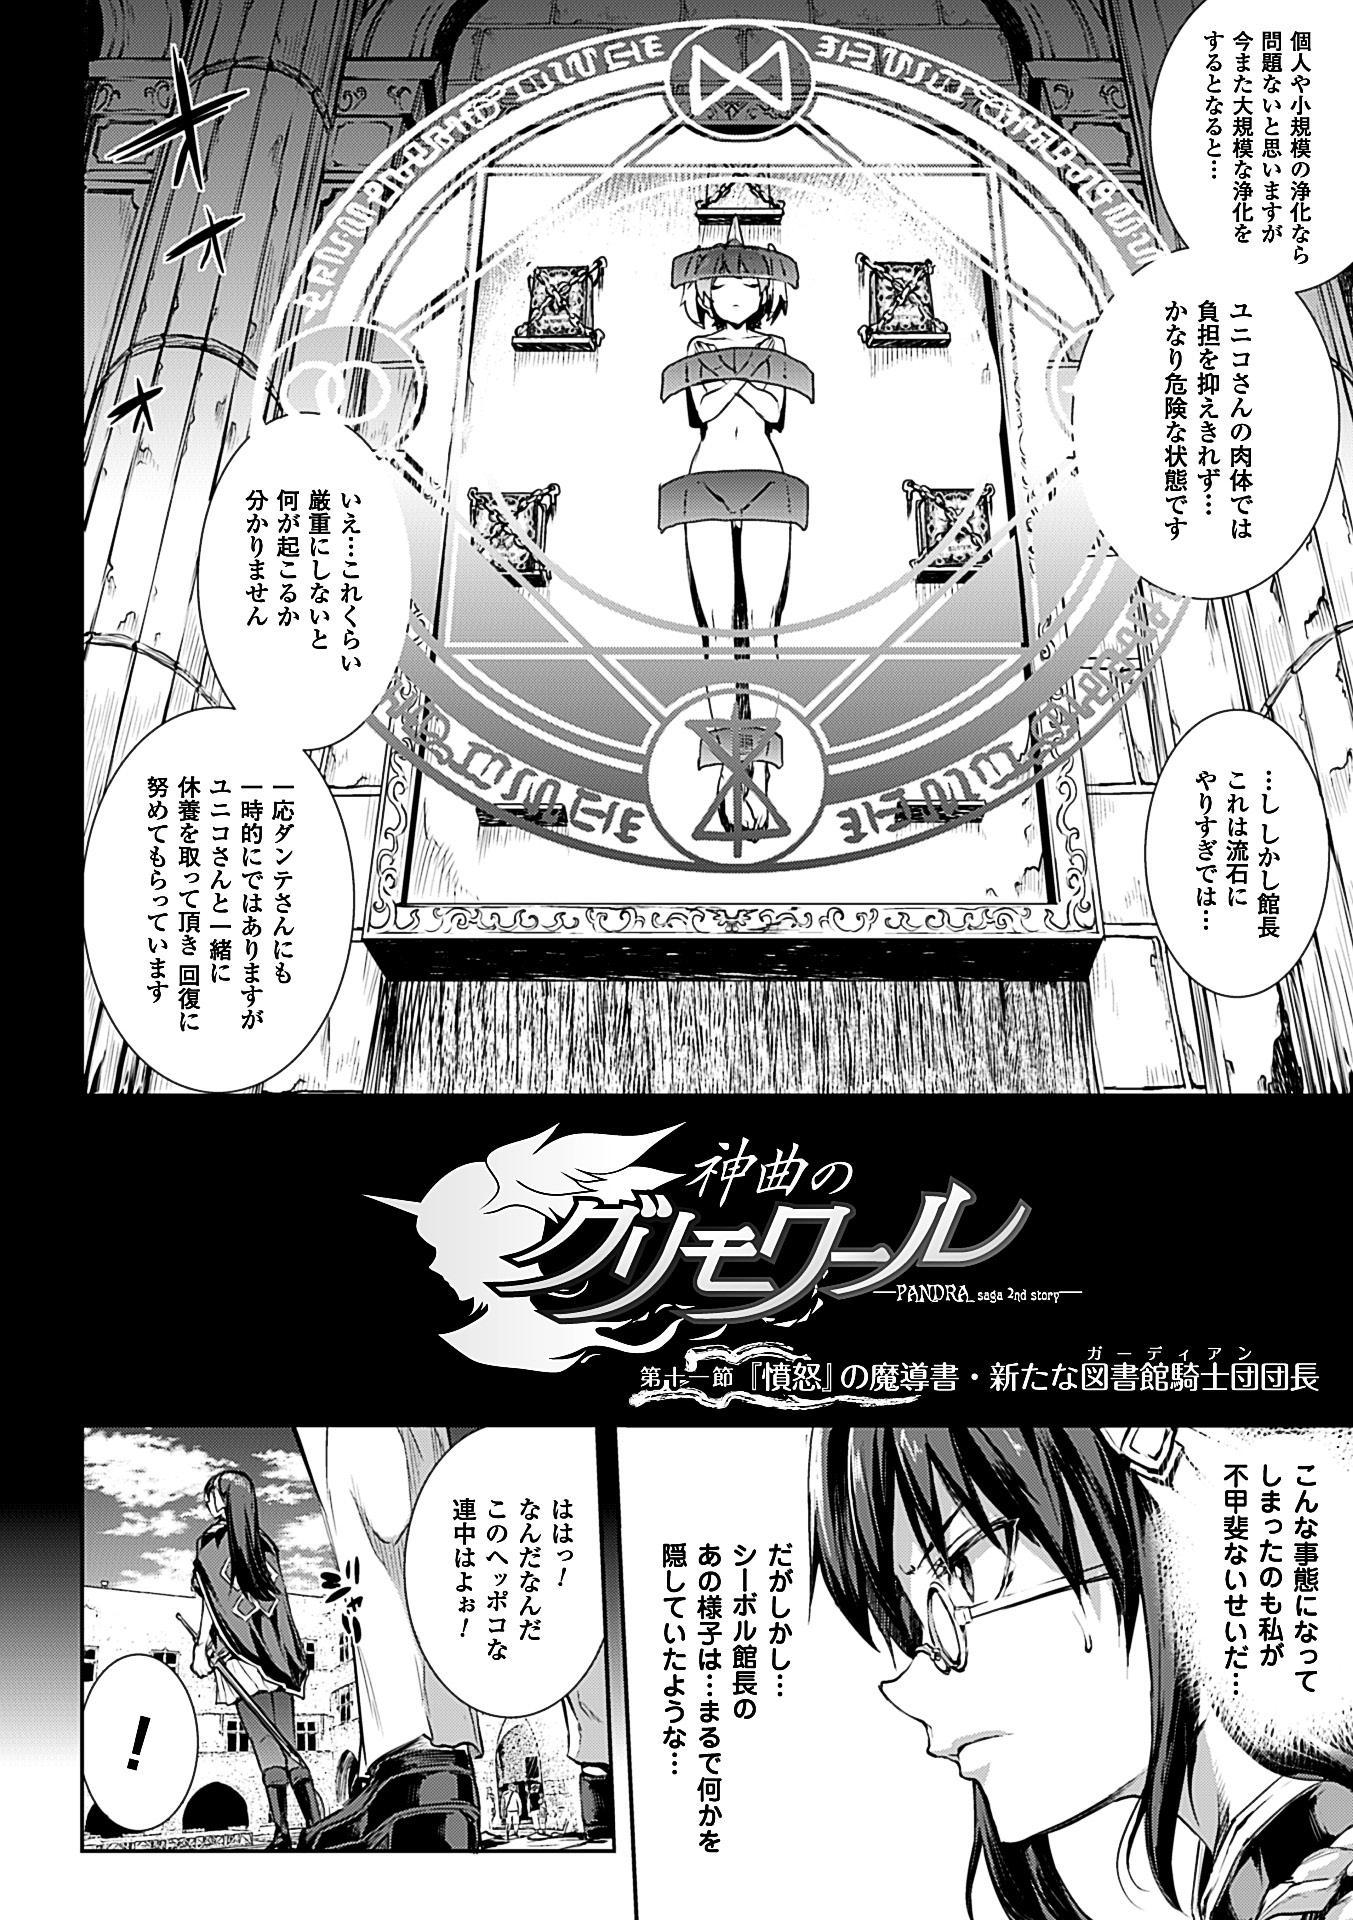 Shinkyoku no Grimoire II 151